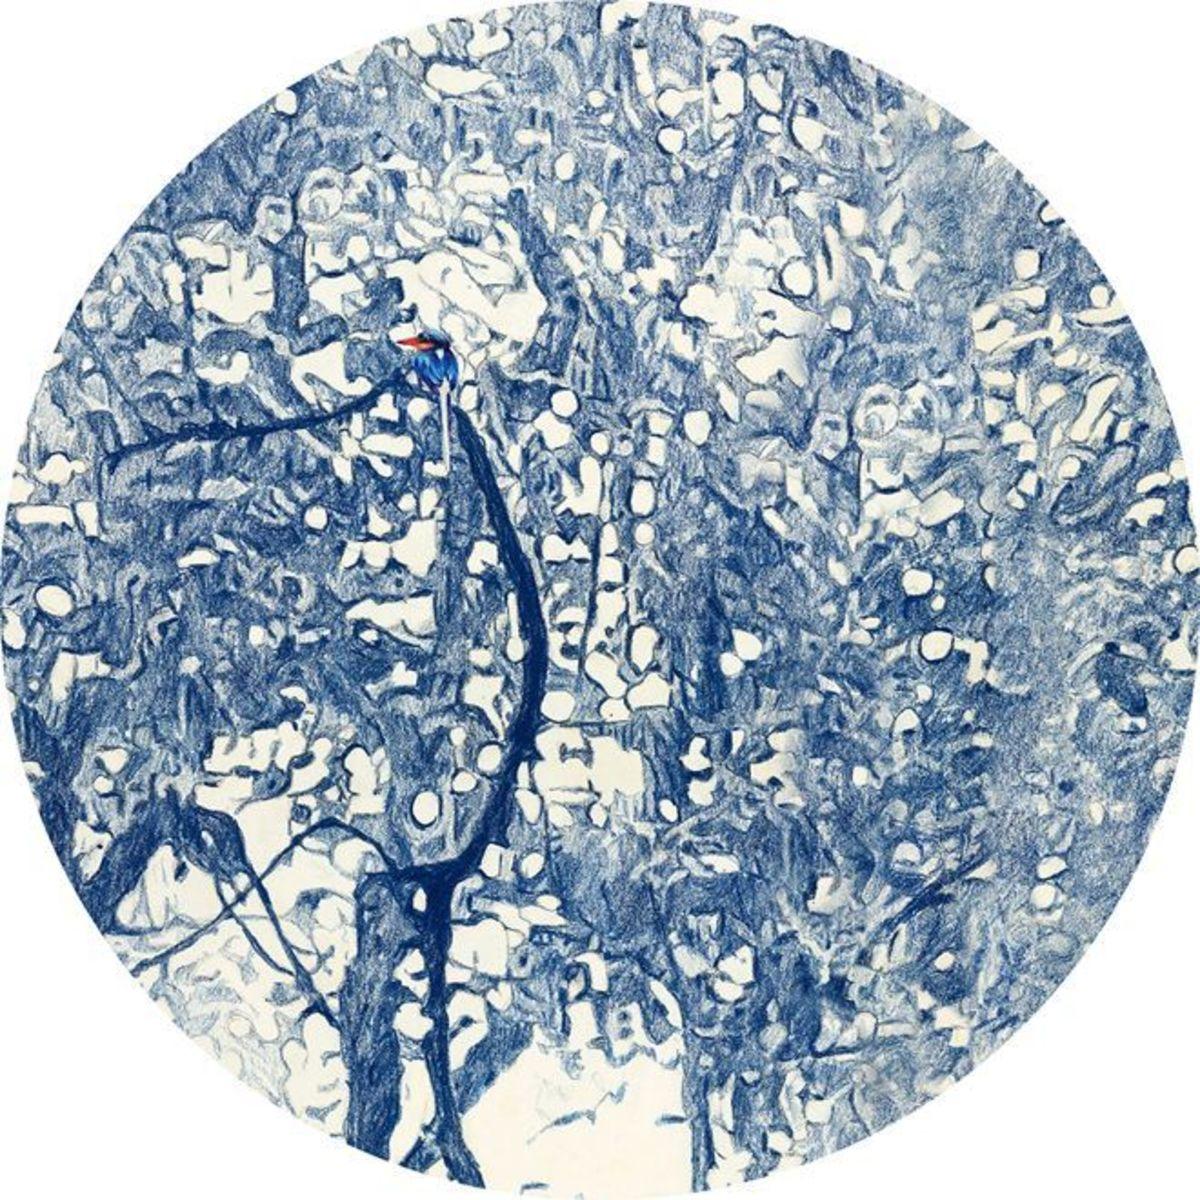 Ecology IV